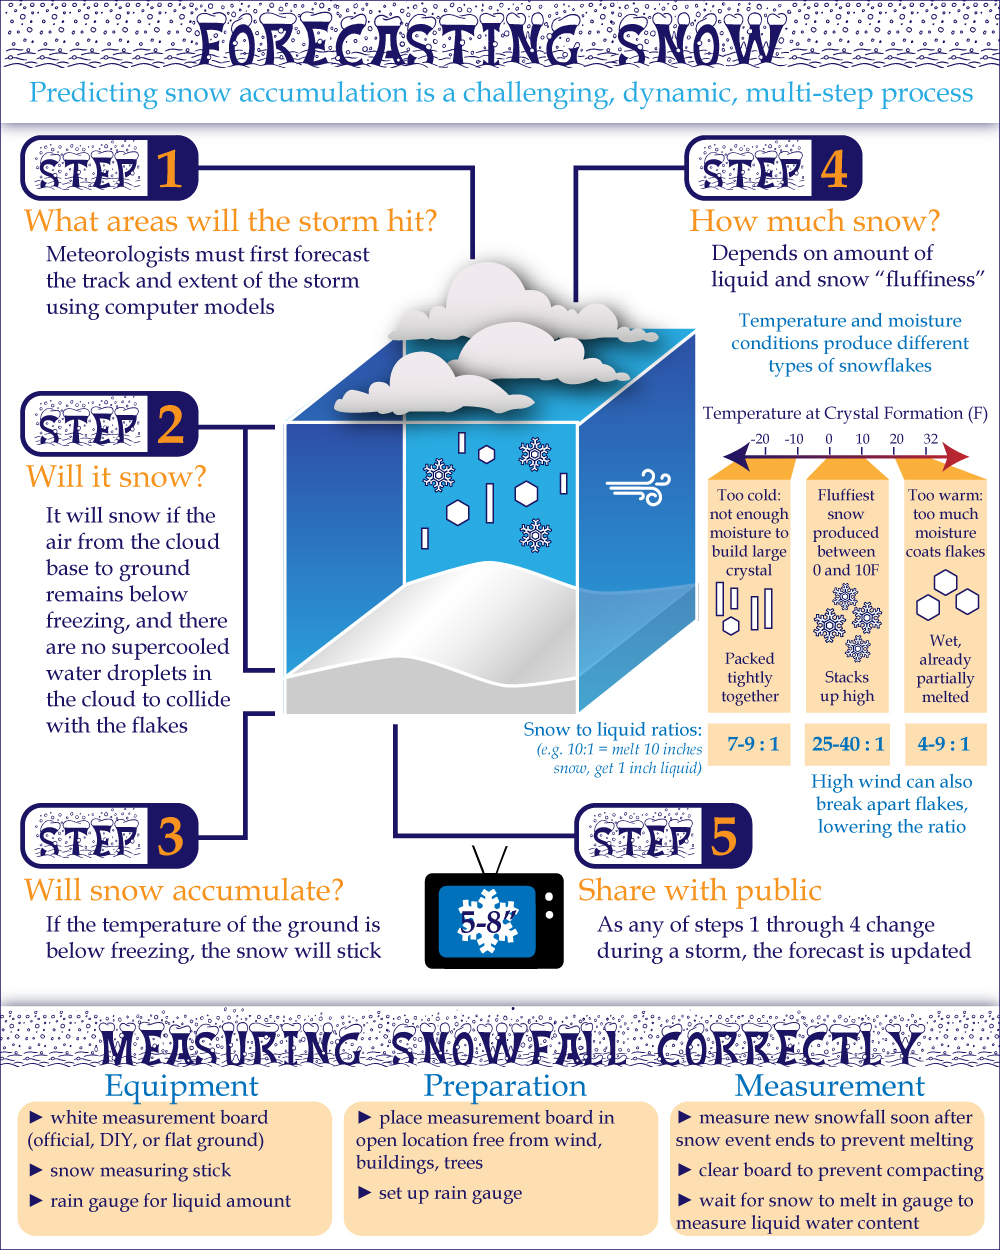 Forecasting Snow